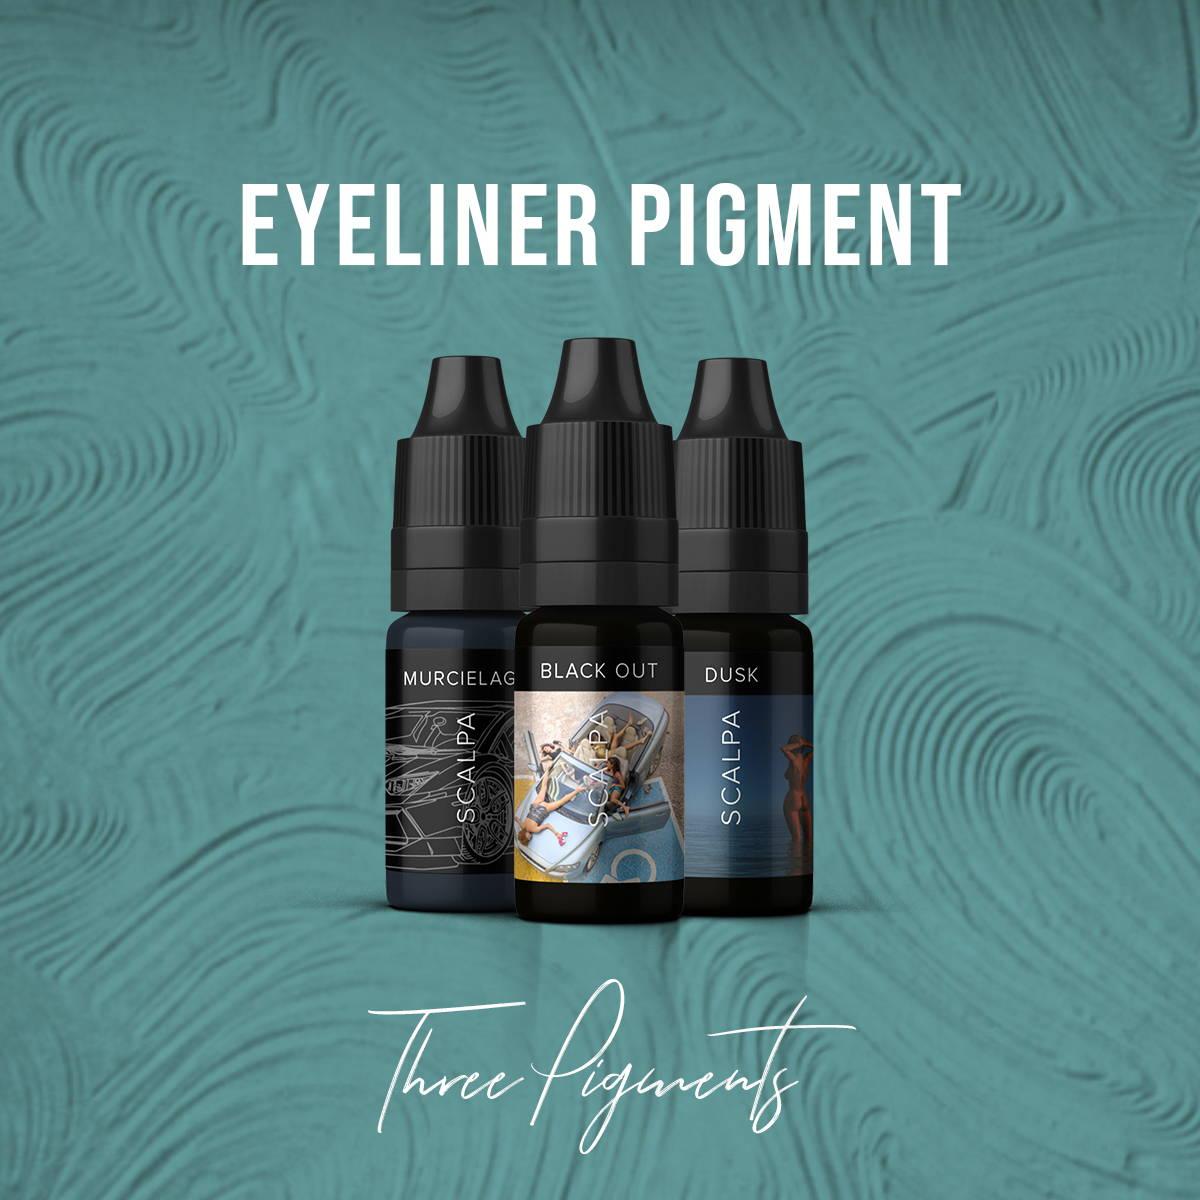 permanent makeup eyeliner pigment